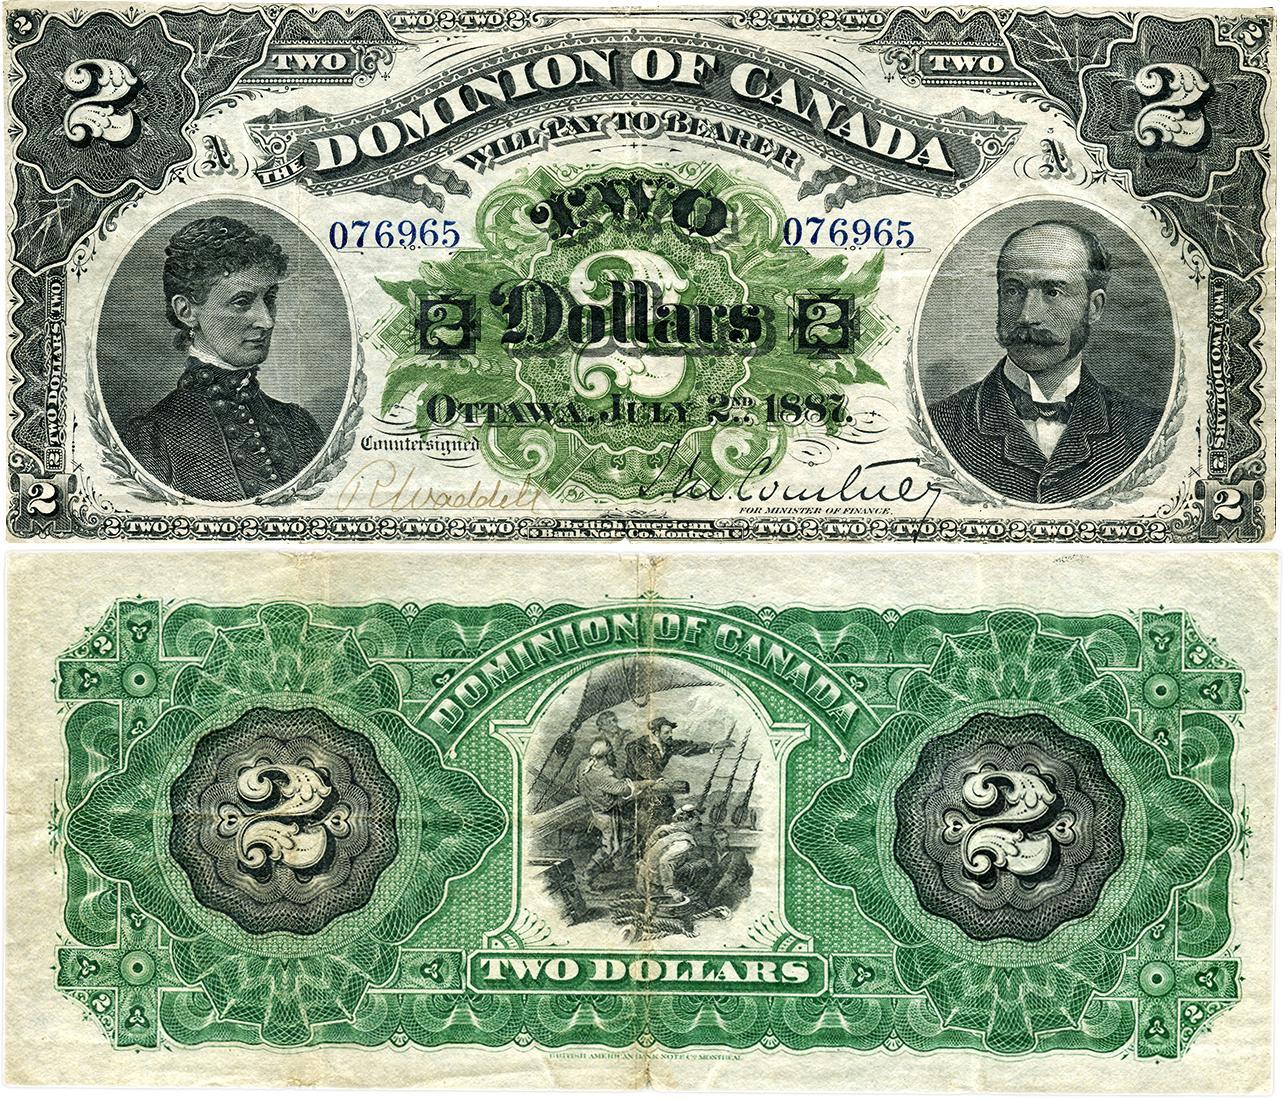 billet canadien de deux dollars, fin du XIXe siècle